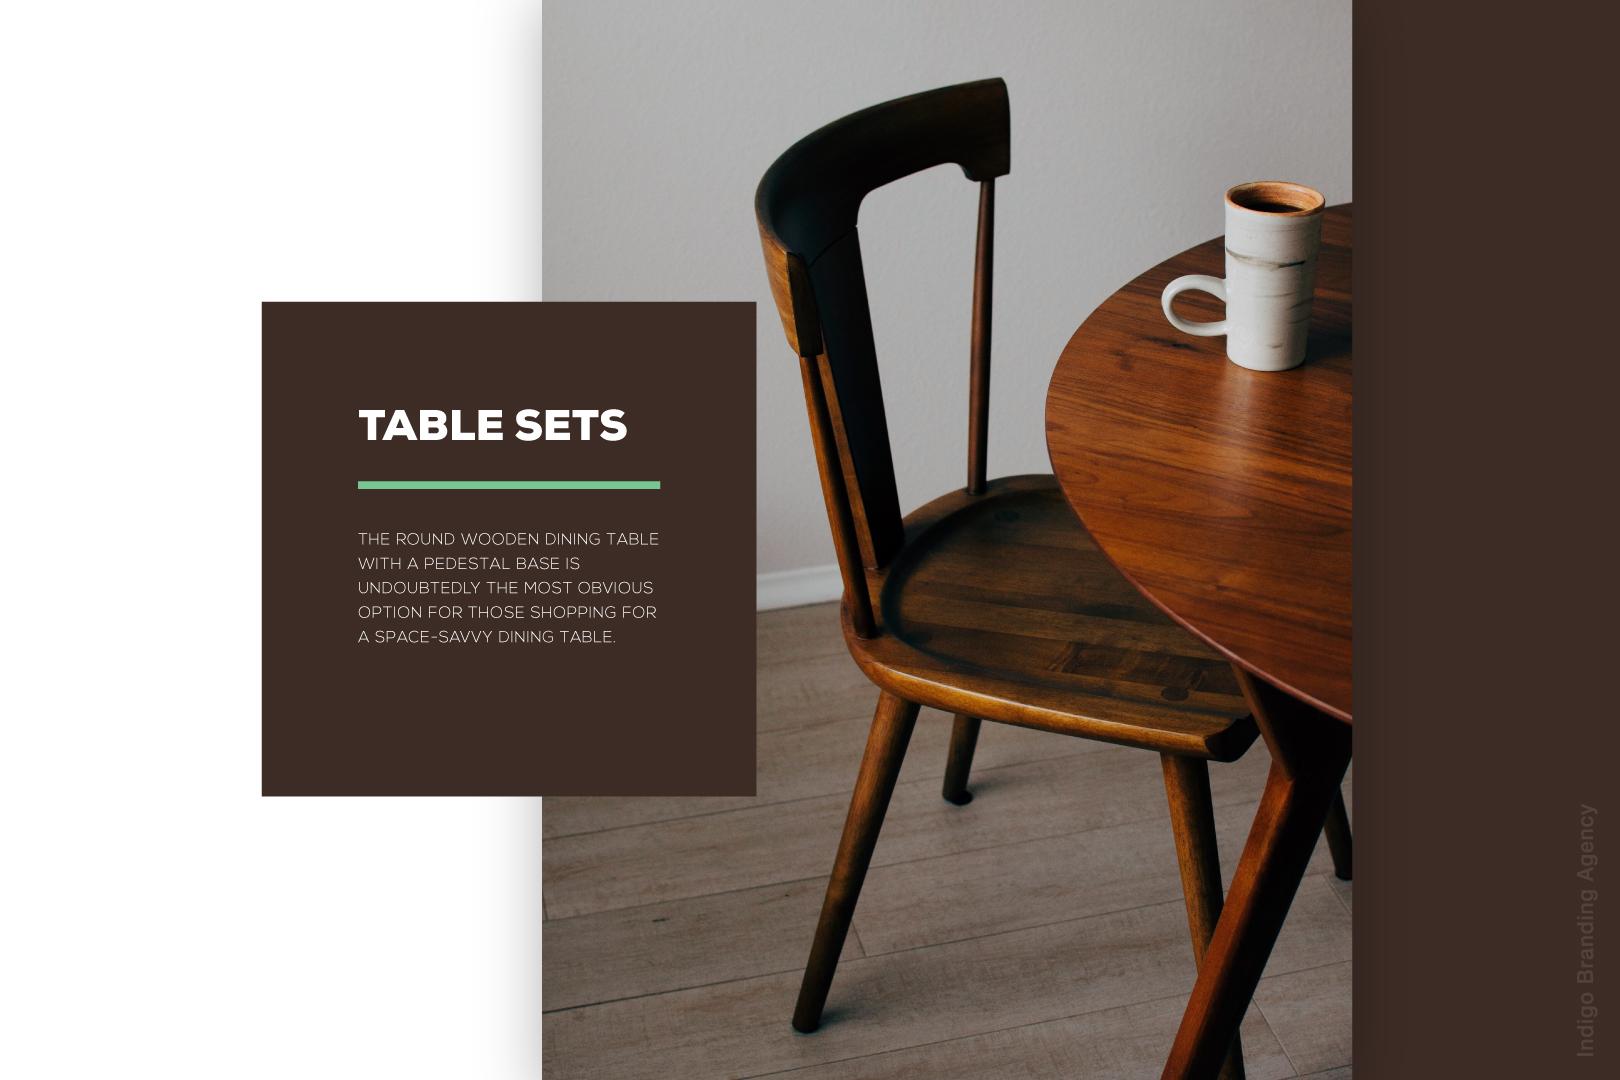 bergman woodz furniture production design wood branding logo design naming indigo branding quality furniture